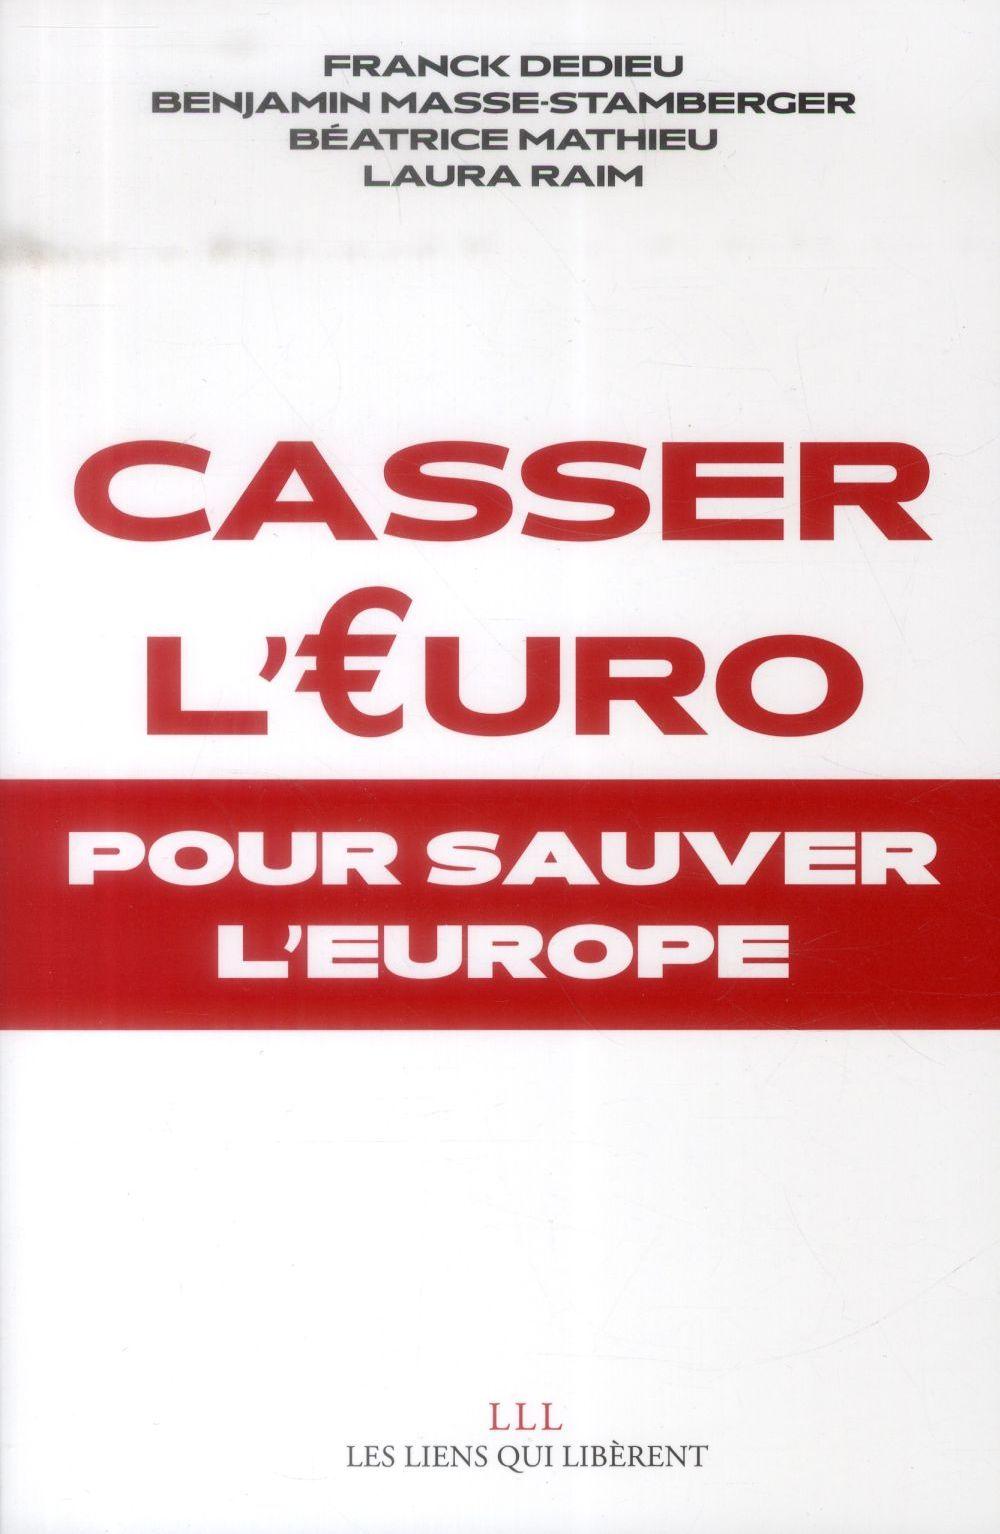 Casser l'Euro pour sauver l'Europe